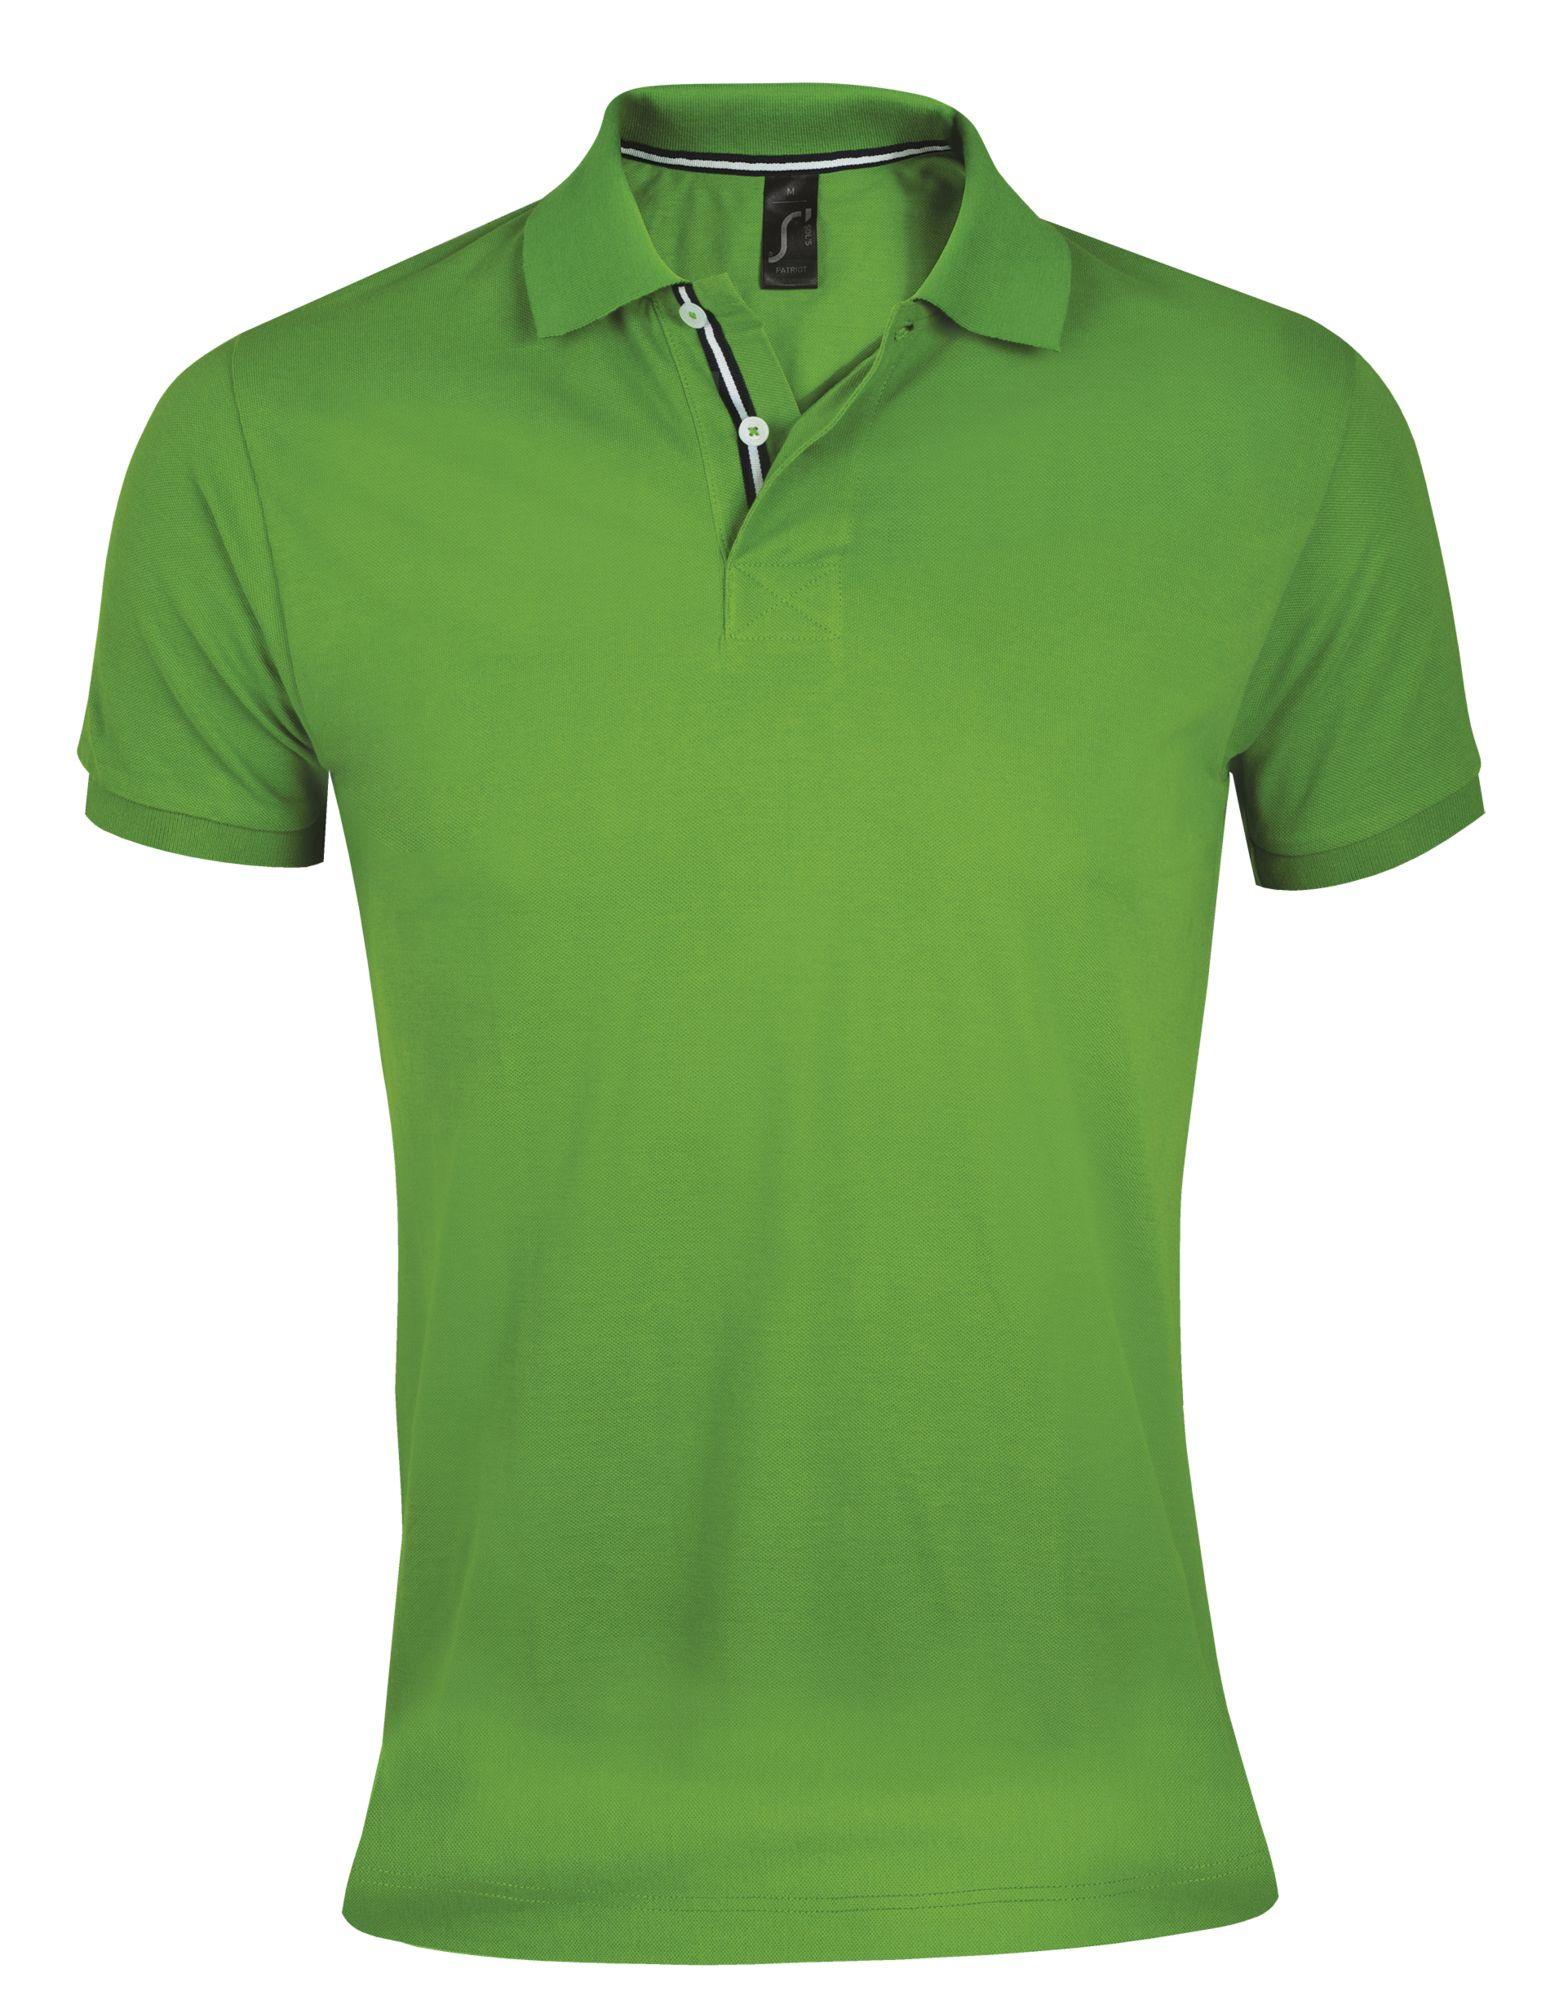 Рубашка поло мужская PATRIOT 200, зеленая с черным